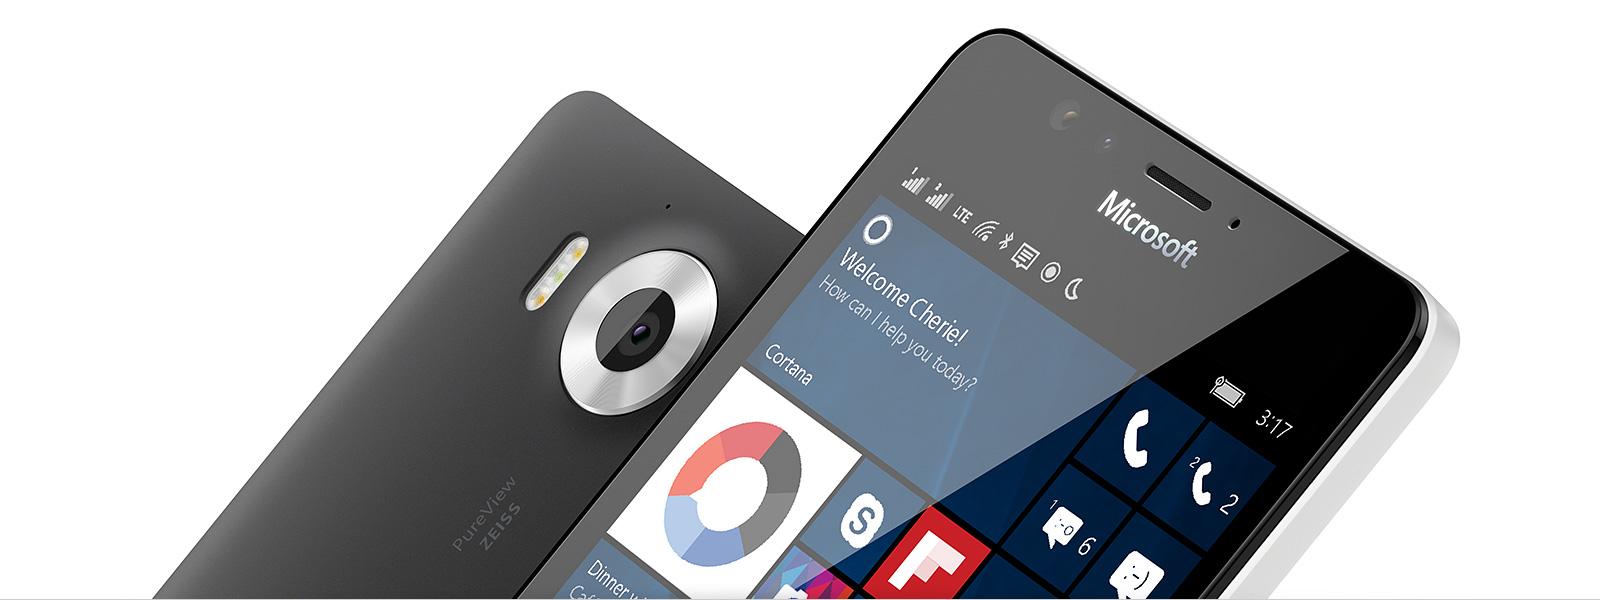 Windows_PhoneUpgrade_v4_MWF_1920_Hero_img.jpg